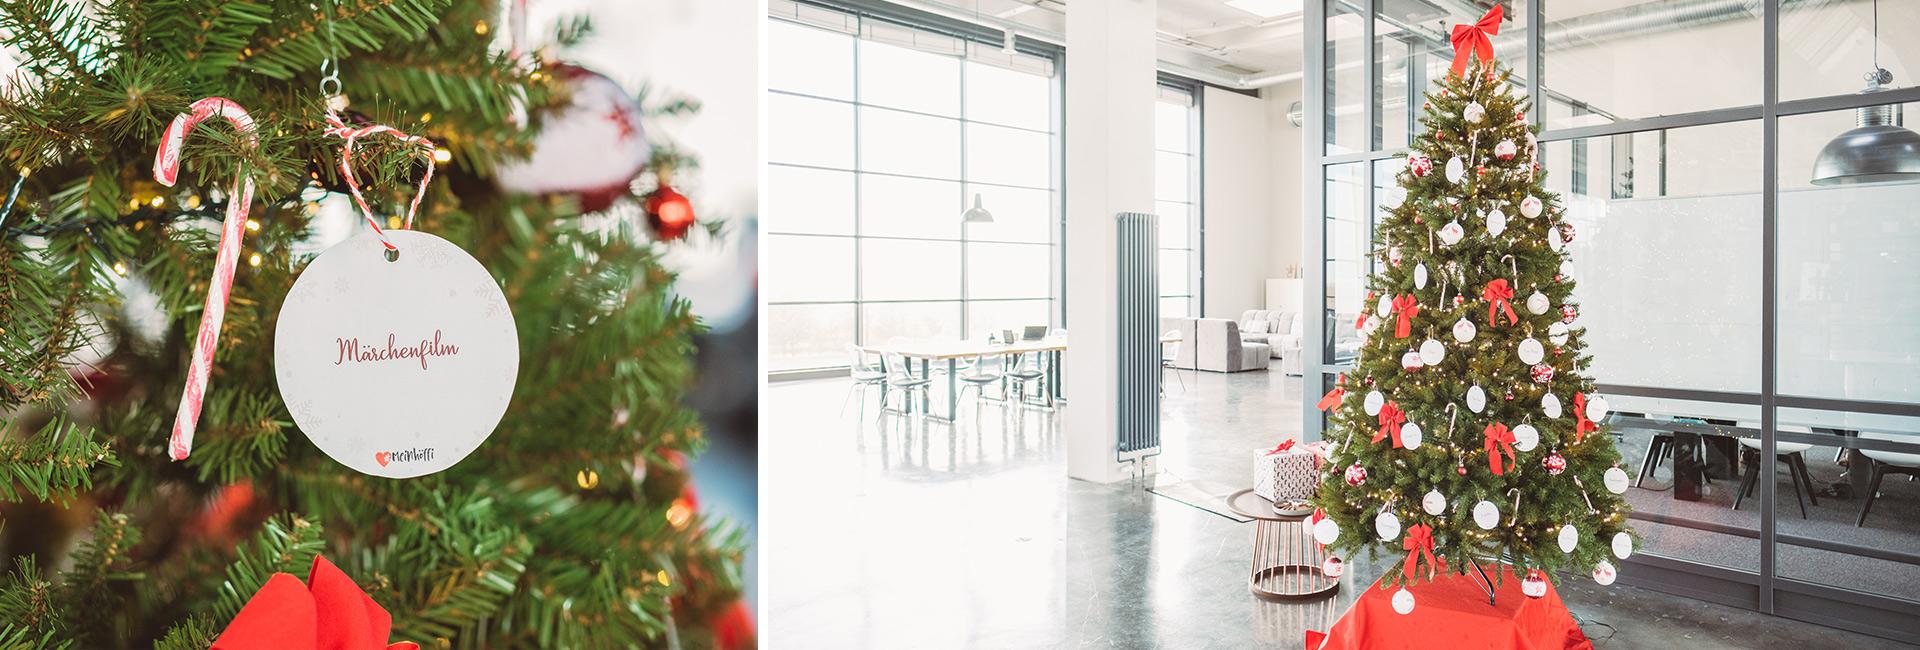 Ein Wohnachtswunschbaum bei den Höffis 1